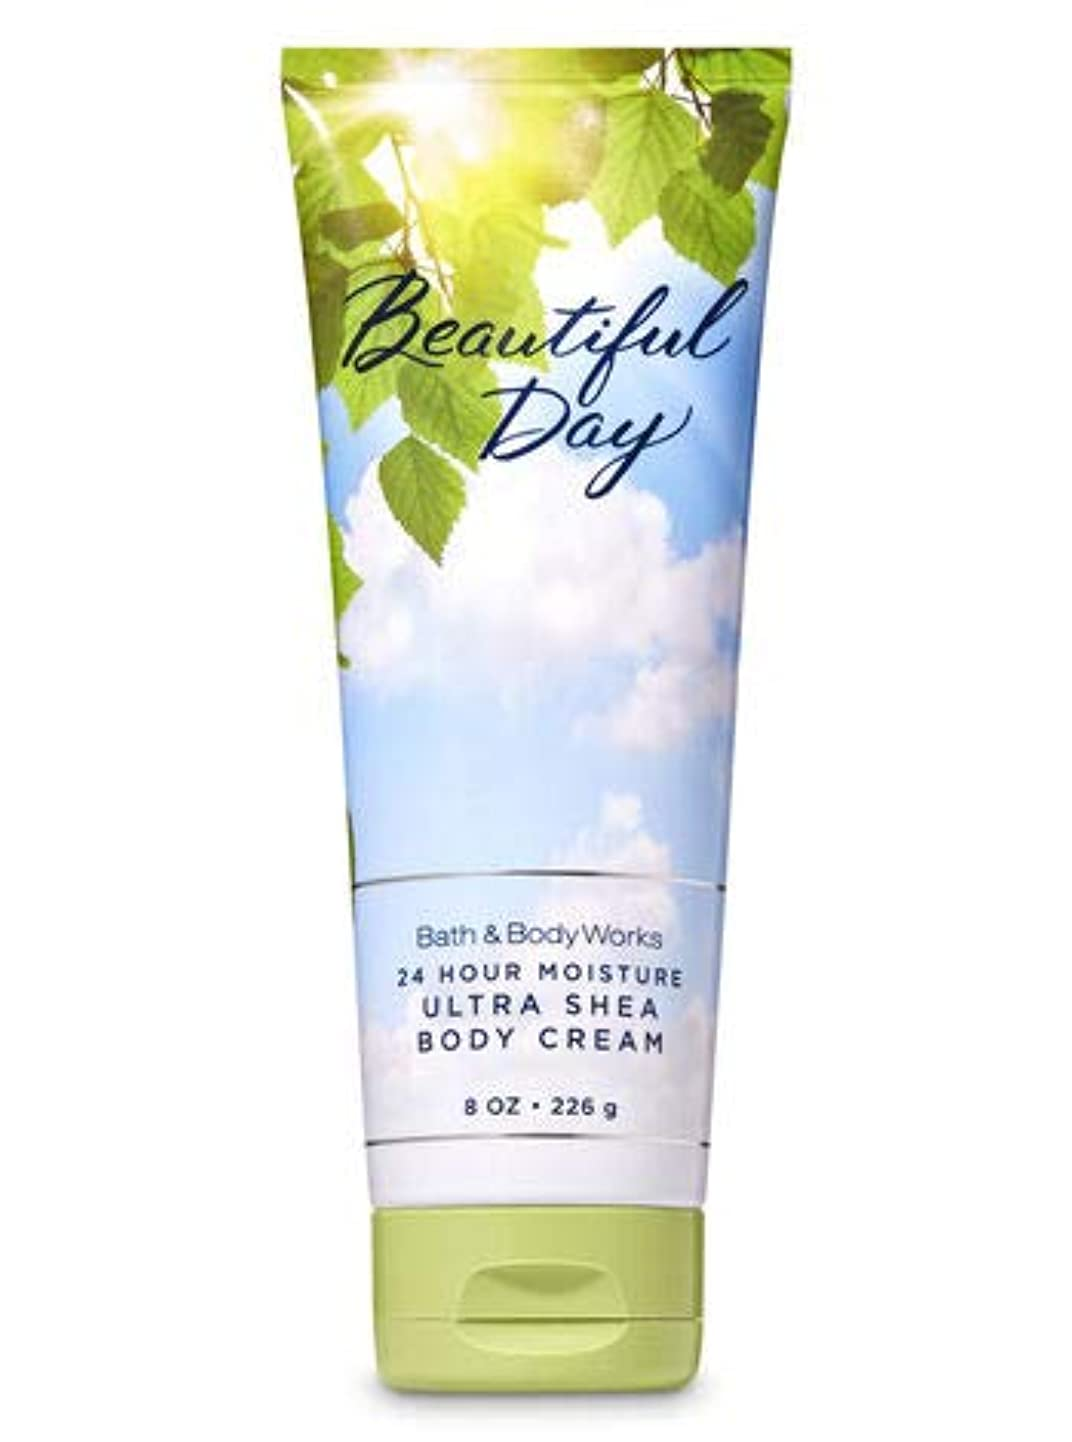 炭素シンプトンギャングバス&ボディワークス ビューティフルディ ボディクリーム Beautiful Day Body Cream